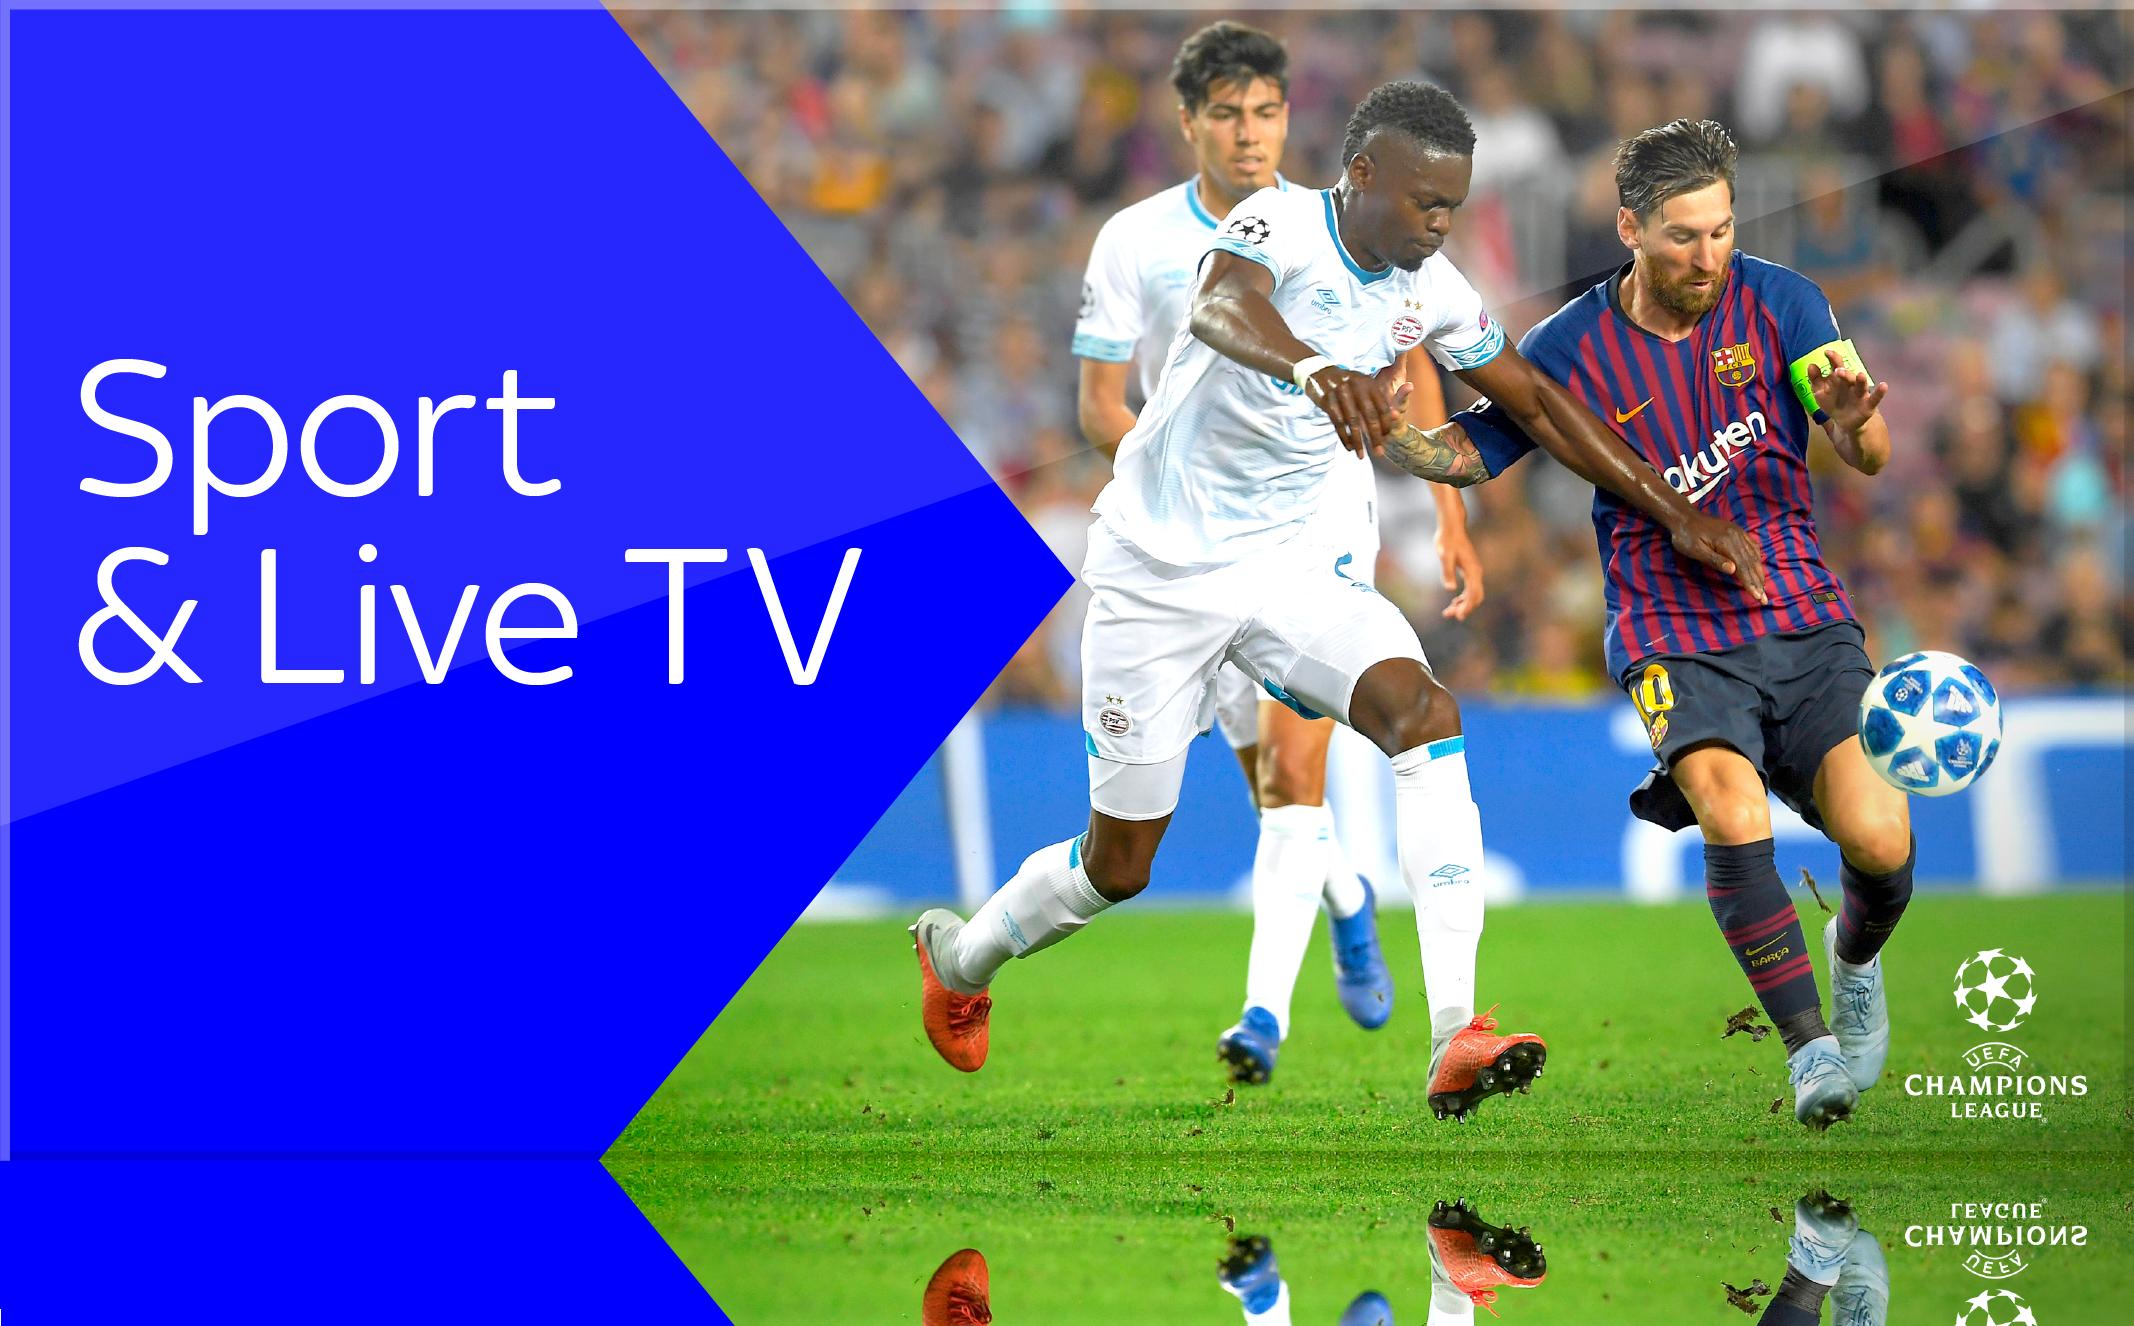 Sky X Sport und Live TV